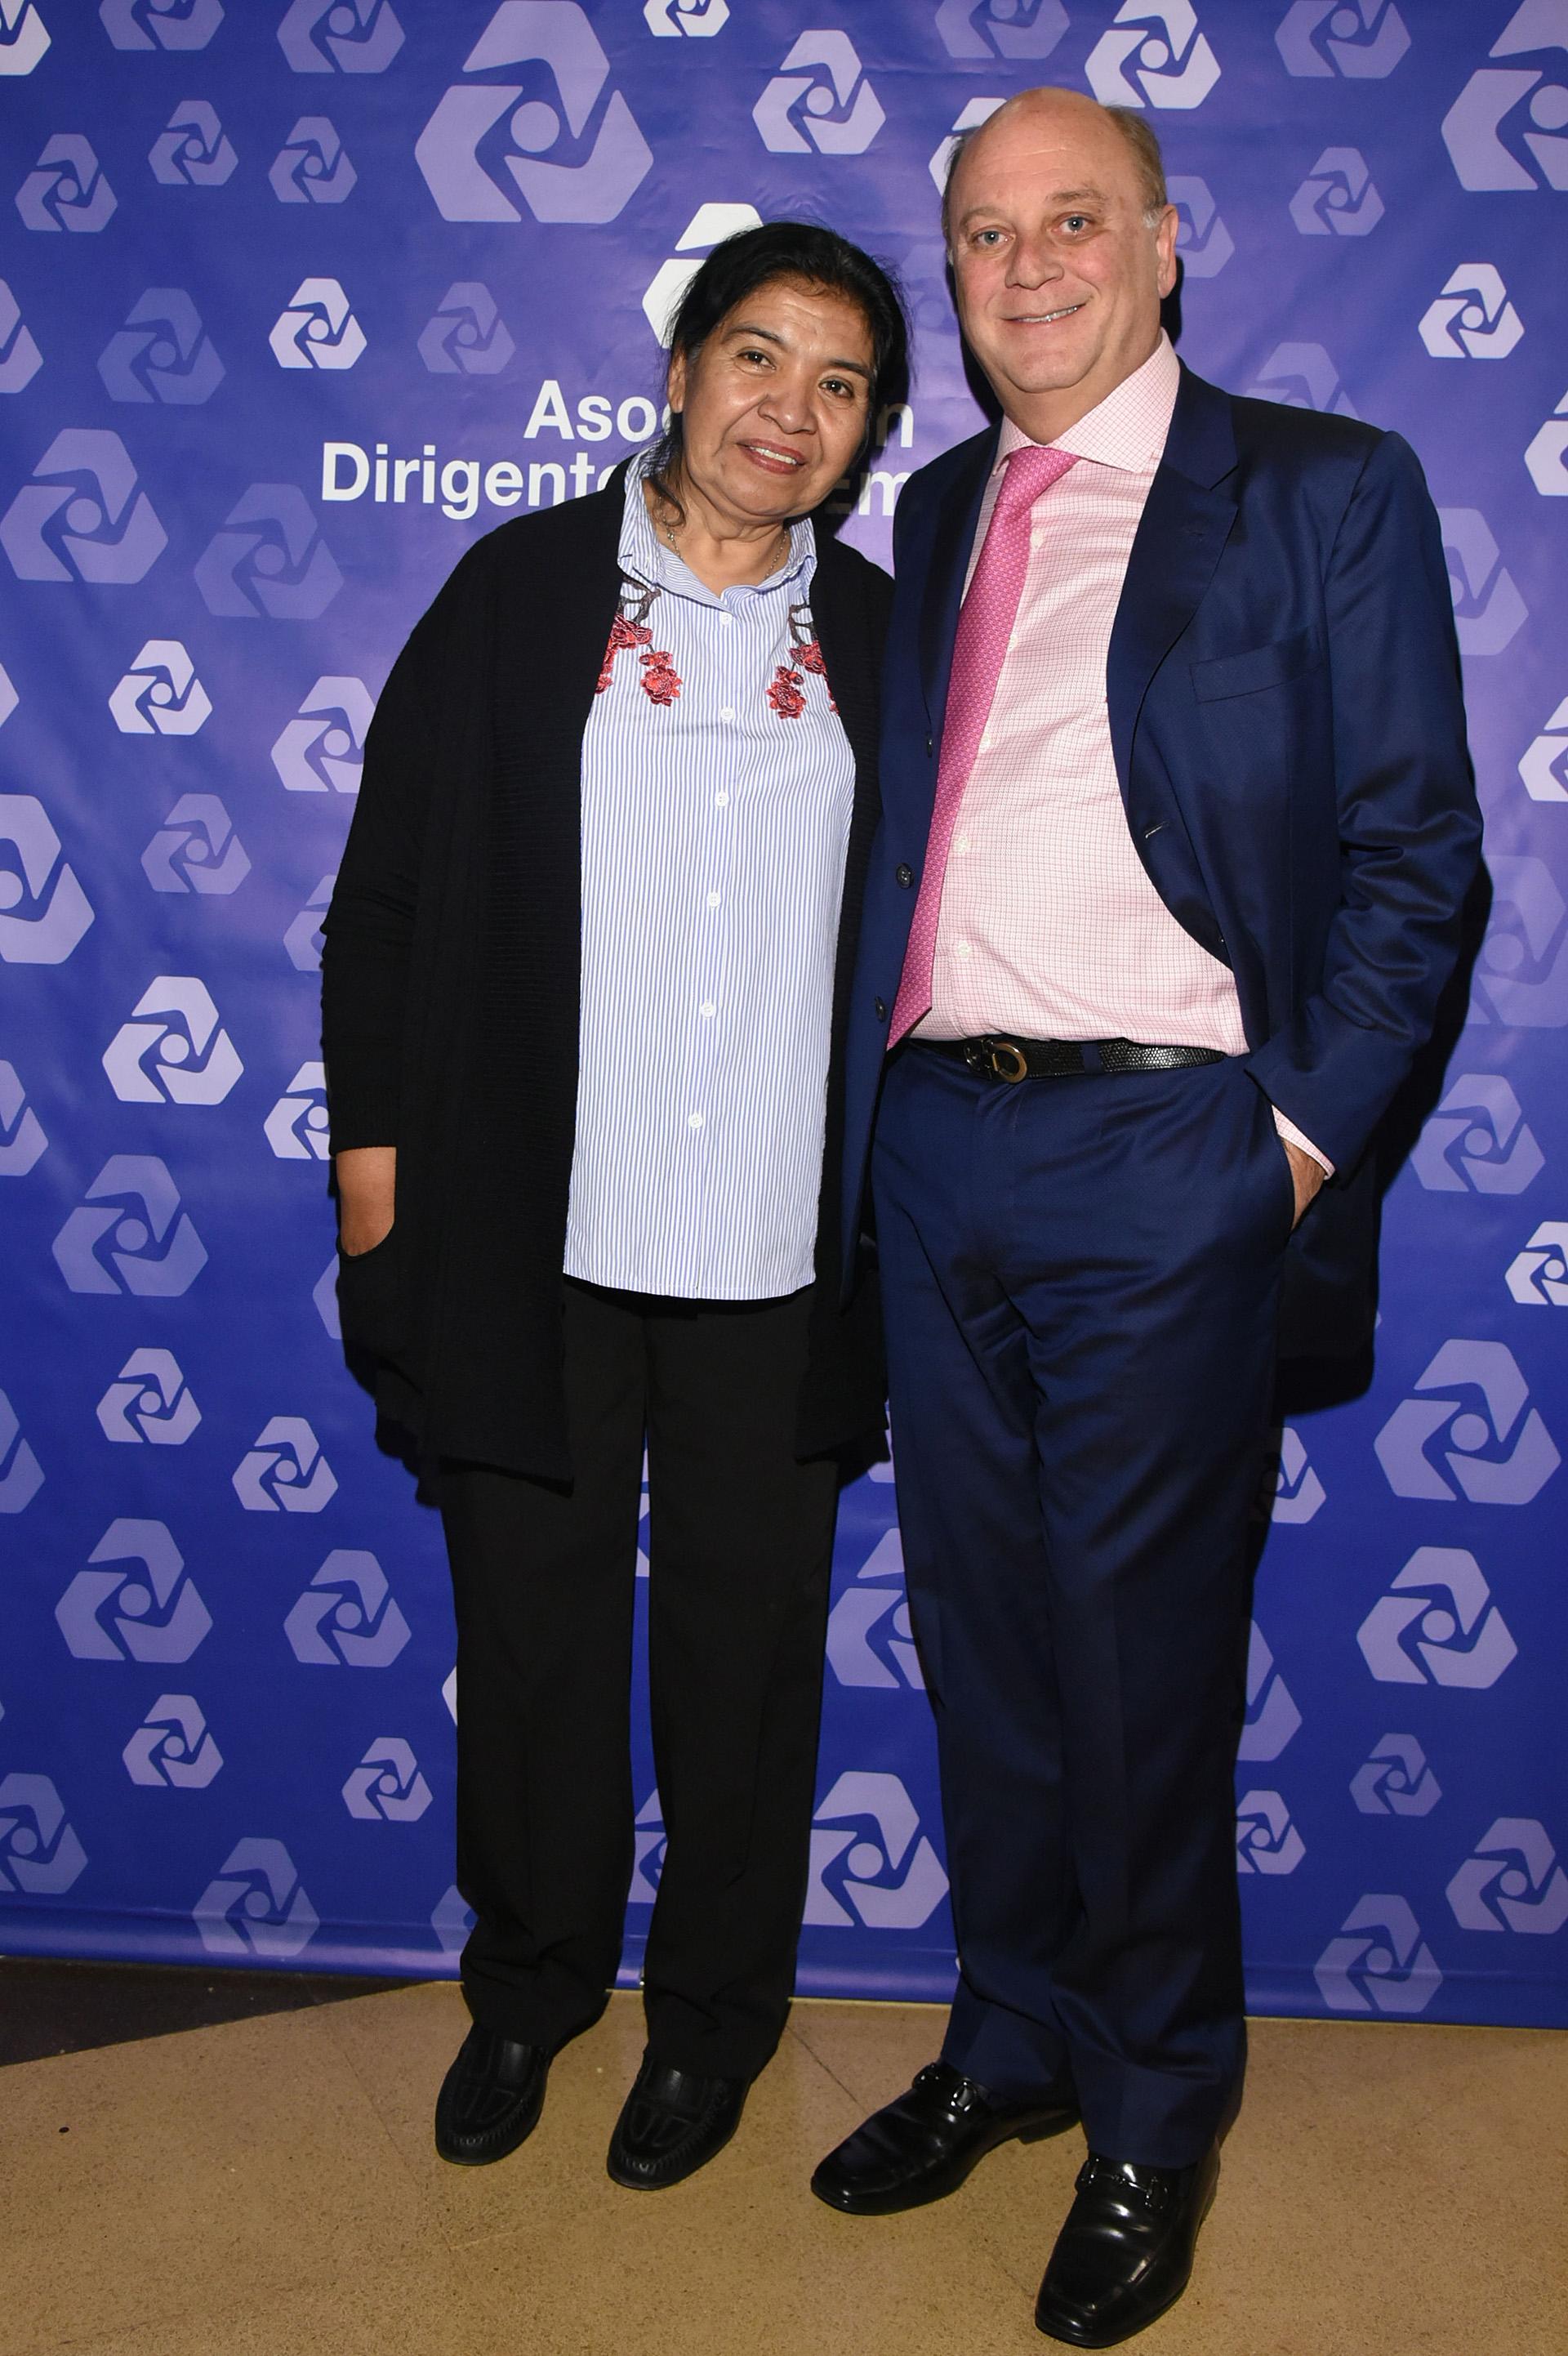 Margarita Barrientos y Martín Cabrales